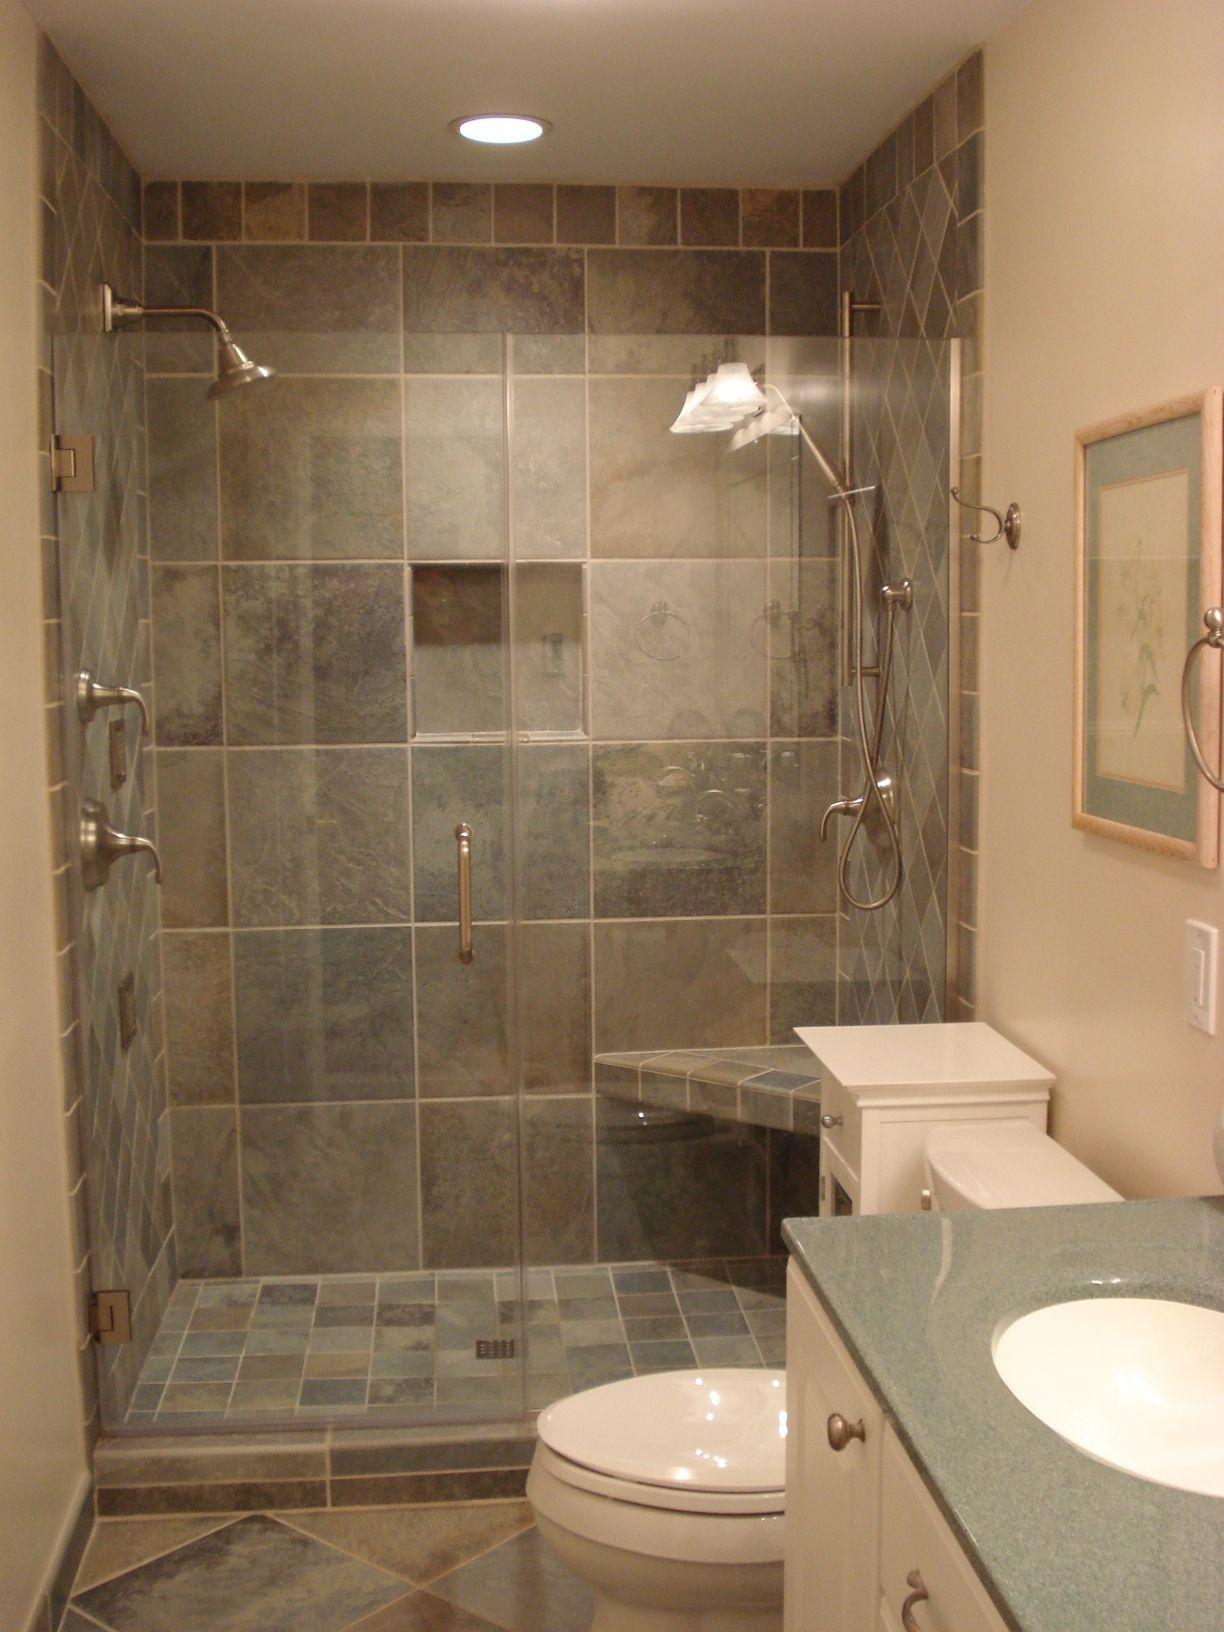 Mr Fix - IT Durban - Bathroom & Kitchen Renovations